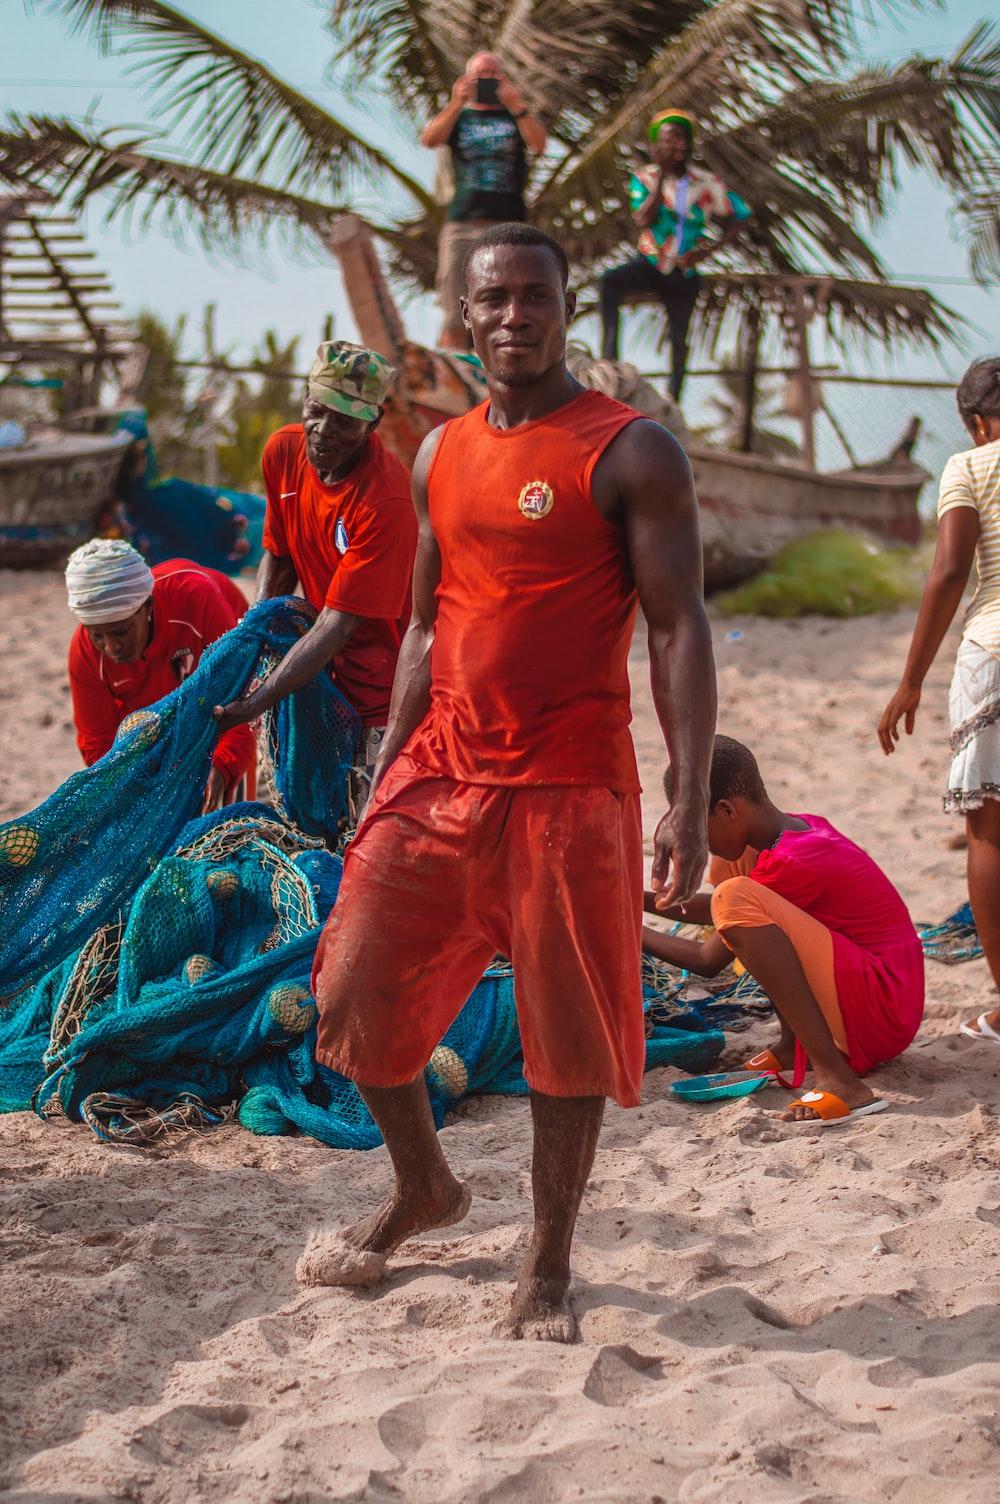 man wearing orange tank top standing near green coconut tree